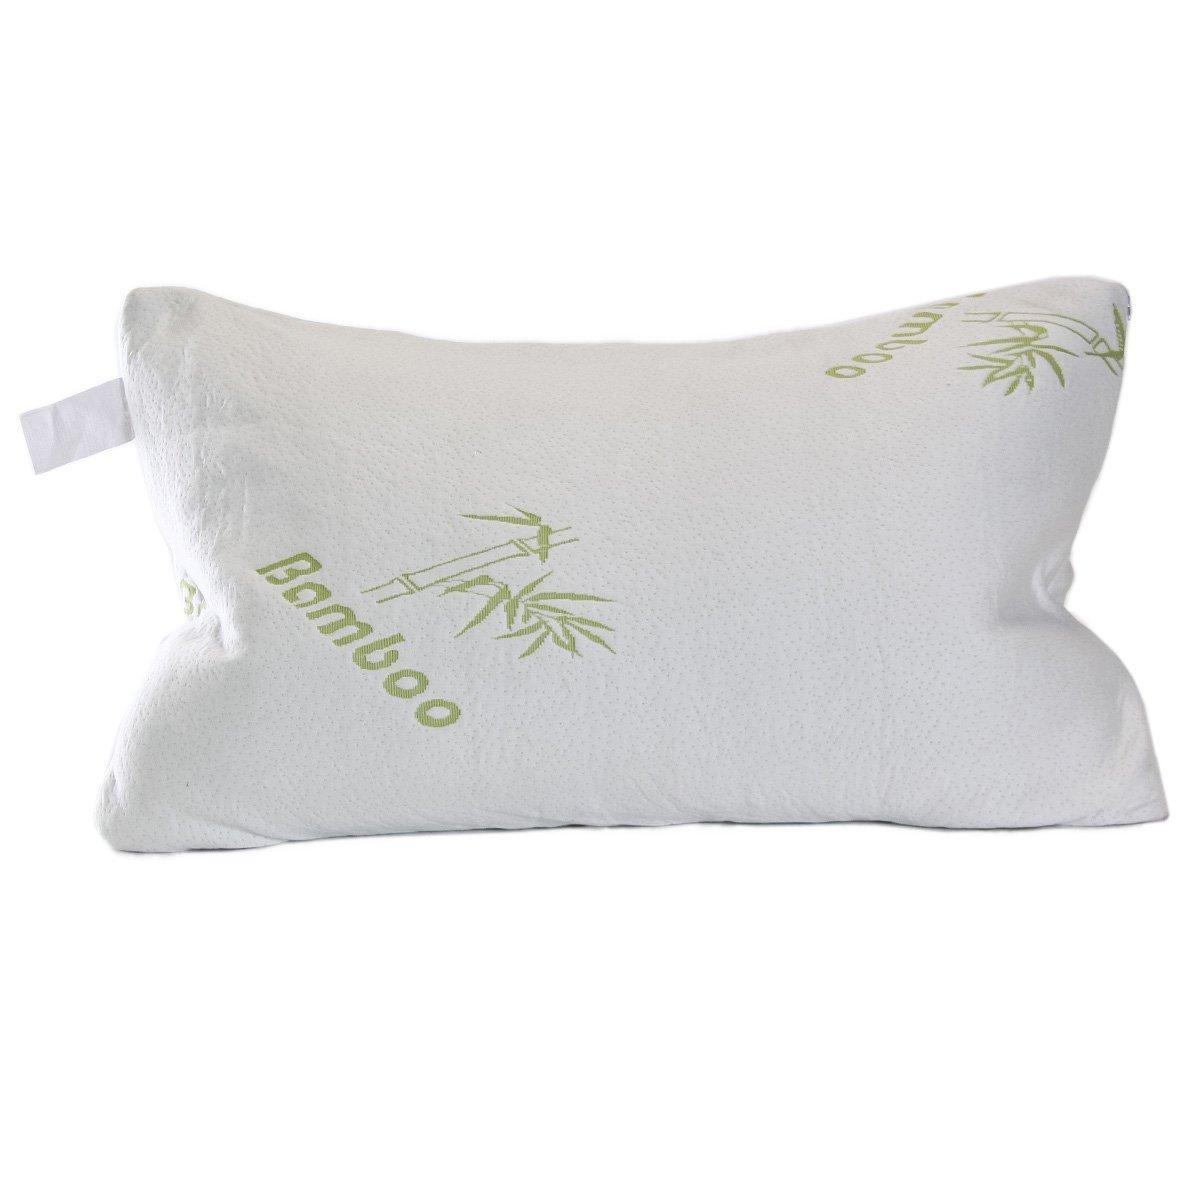 Original Bamboo Shredded Pillow